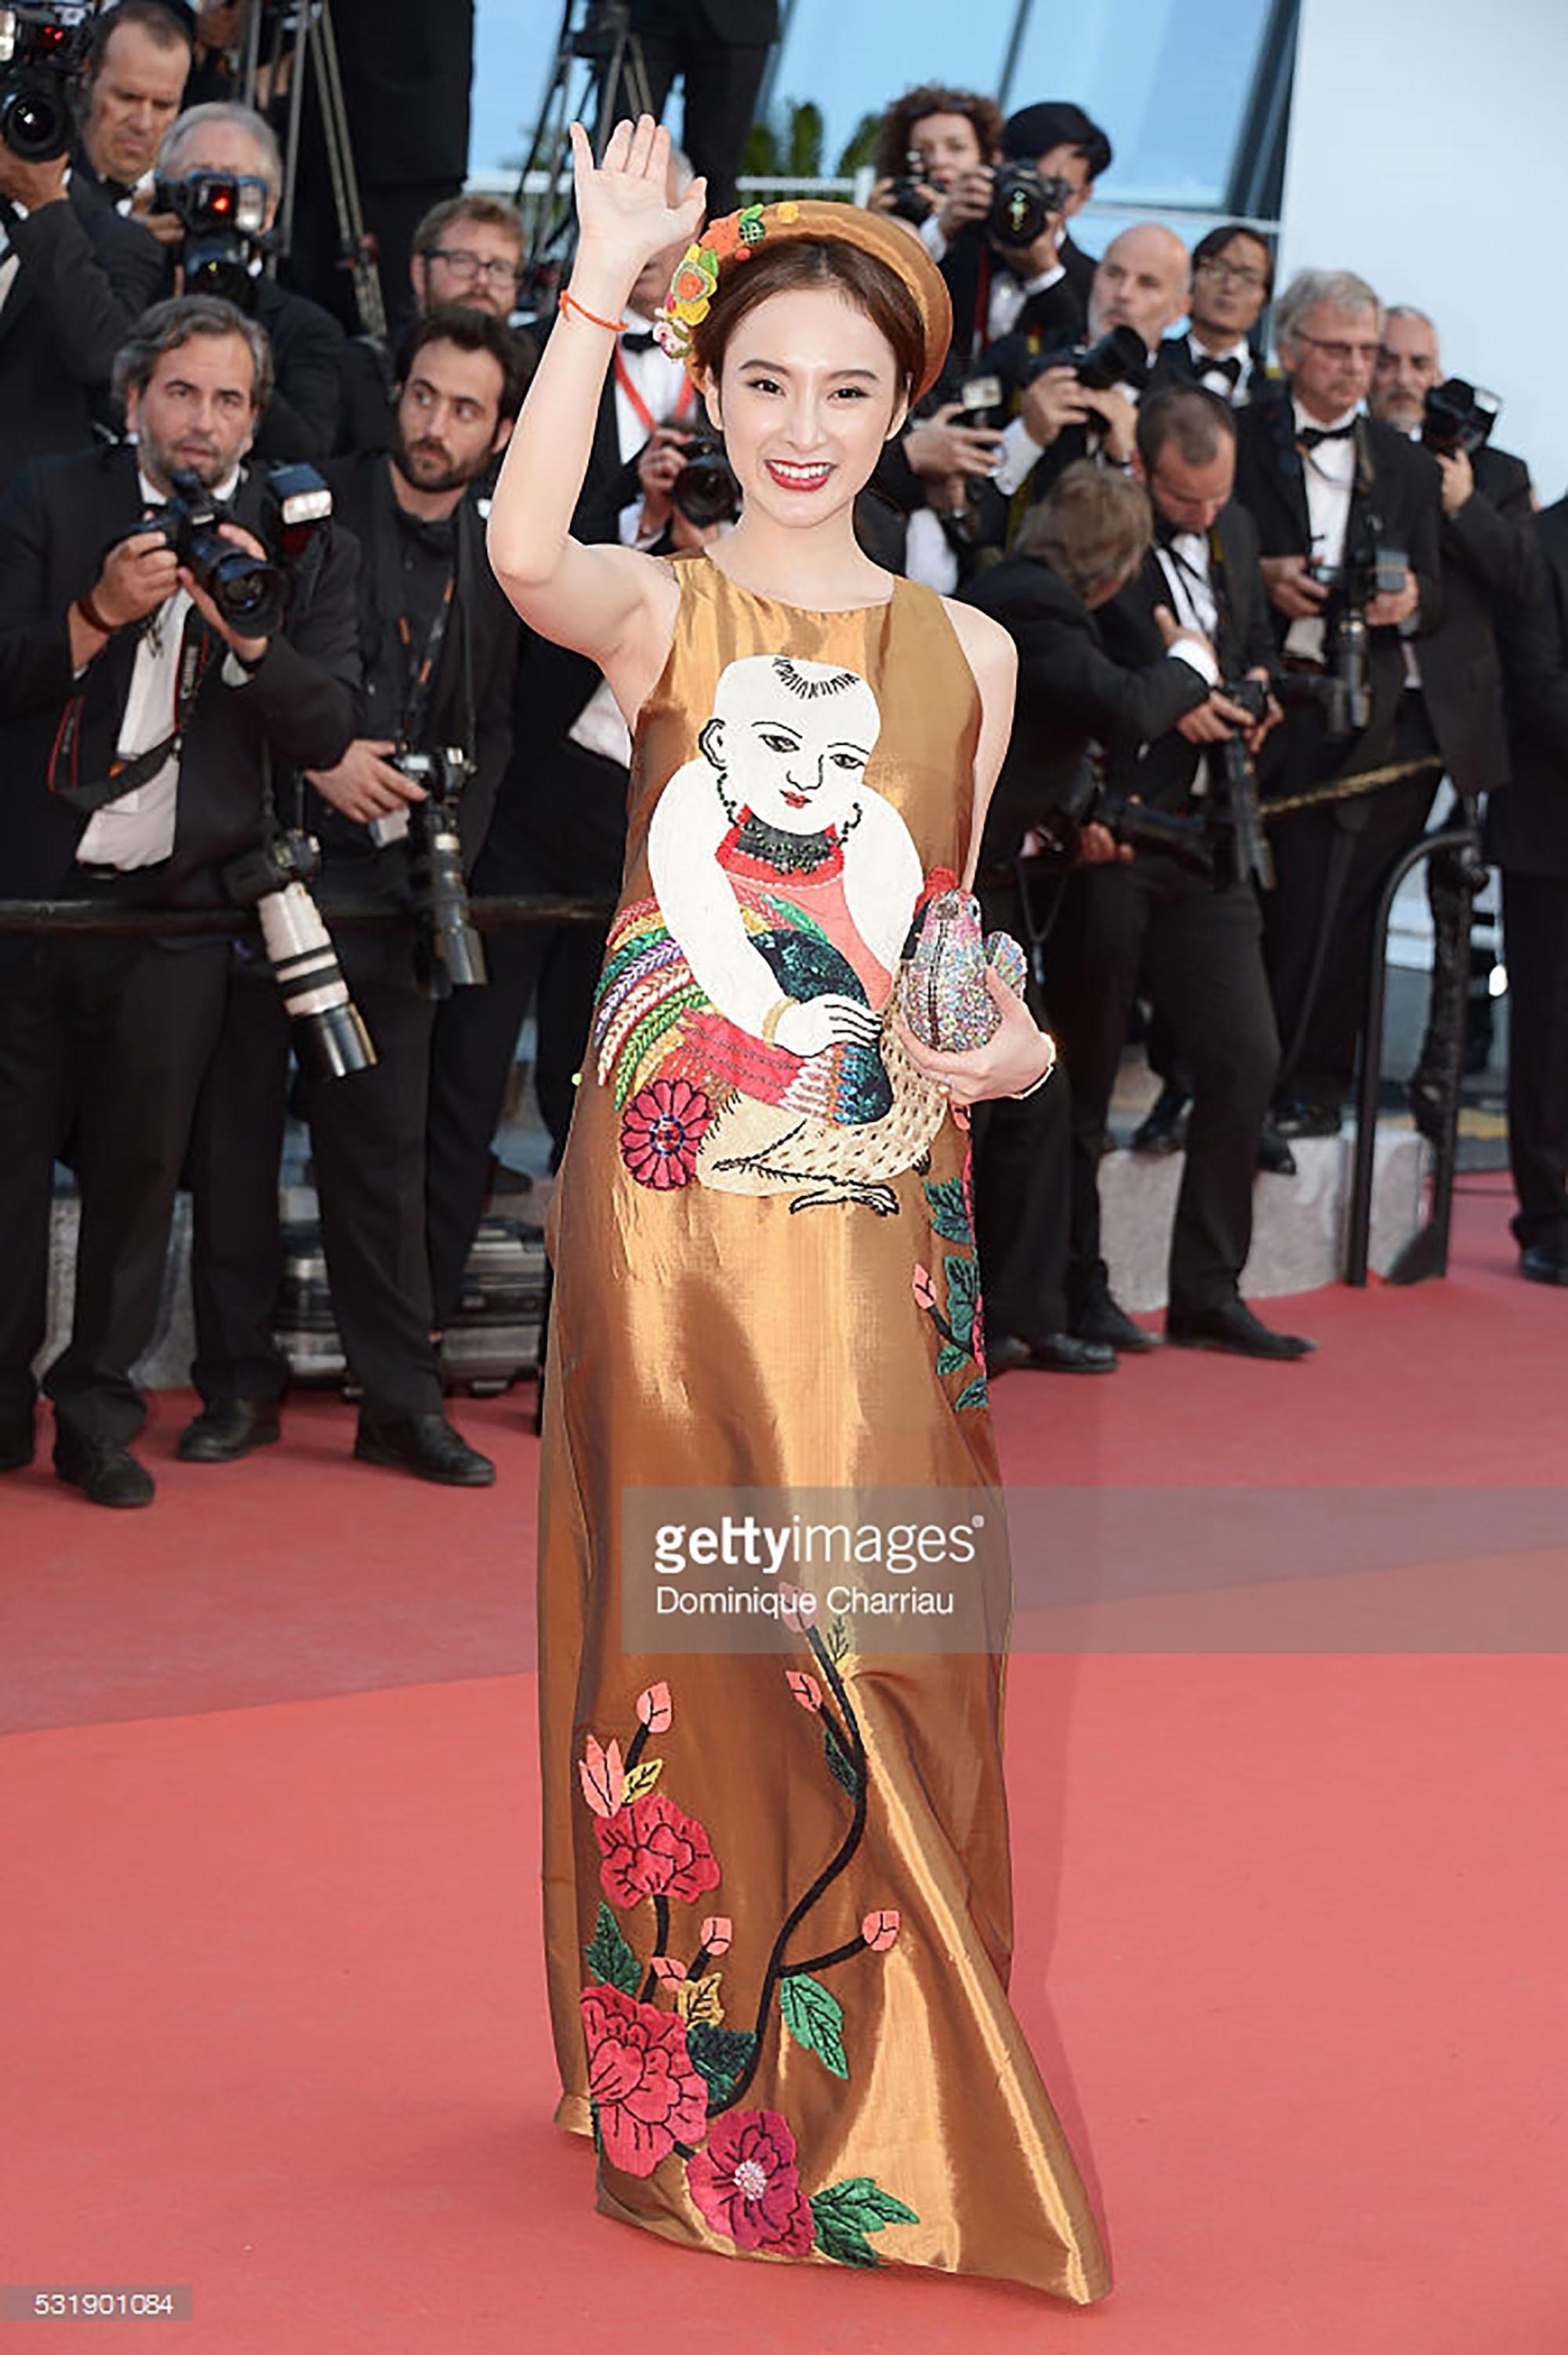 Hình ảnh của Angela Phương Trinh đã được ghi nhận và truyền tải ở màn hình chính tại hiện trường chuyên ghi nhận những ngôi sao góp mặt ở sự kiện, cũng như xuất hiện ở các website có uy tín hàng đầu thế giới như Getty Images, Reuters…